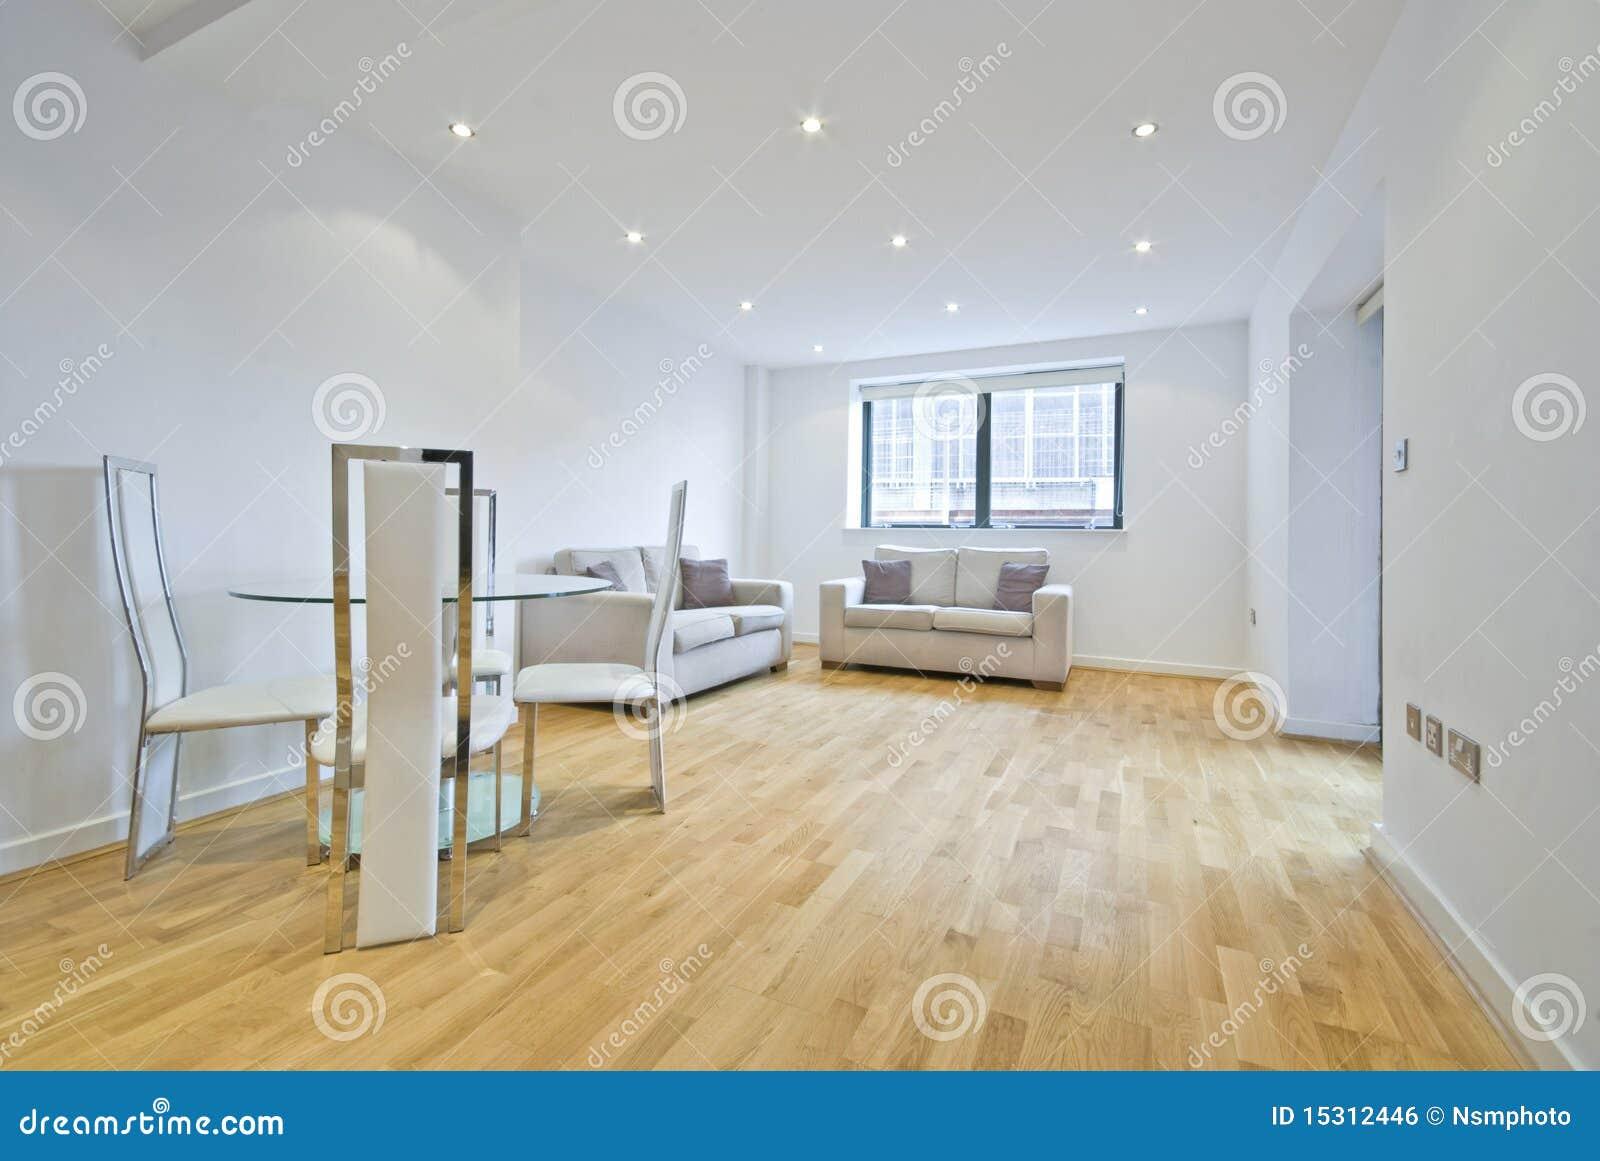 Download Modernes Wohnzimmer Mit Zwei Sofas In Der Beige Stockfoto   Bild  Von Kissen, Leder